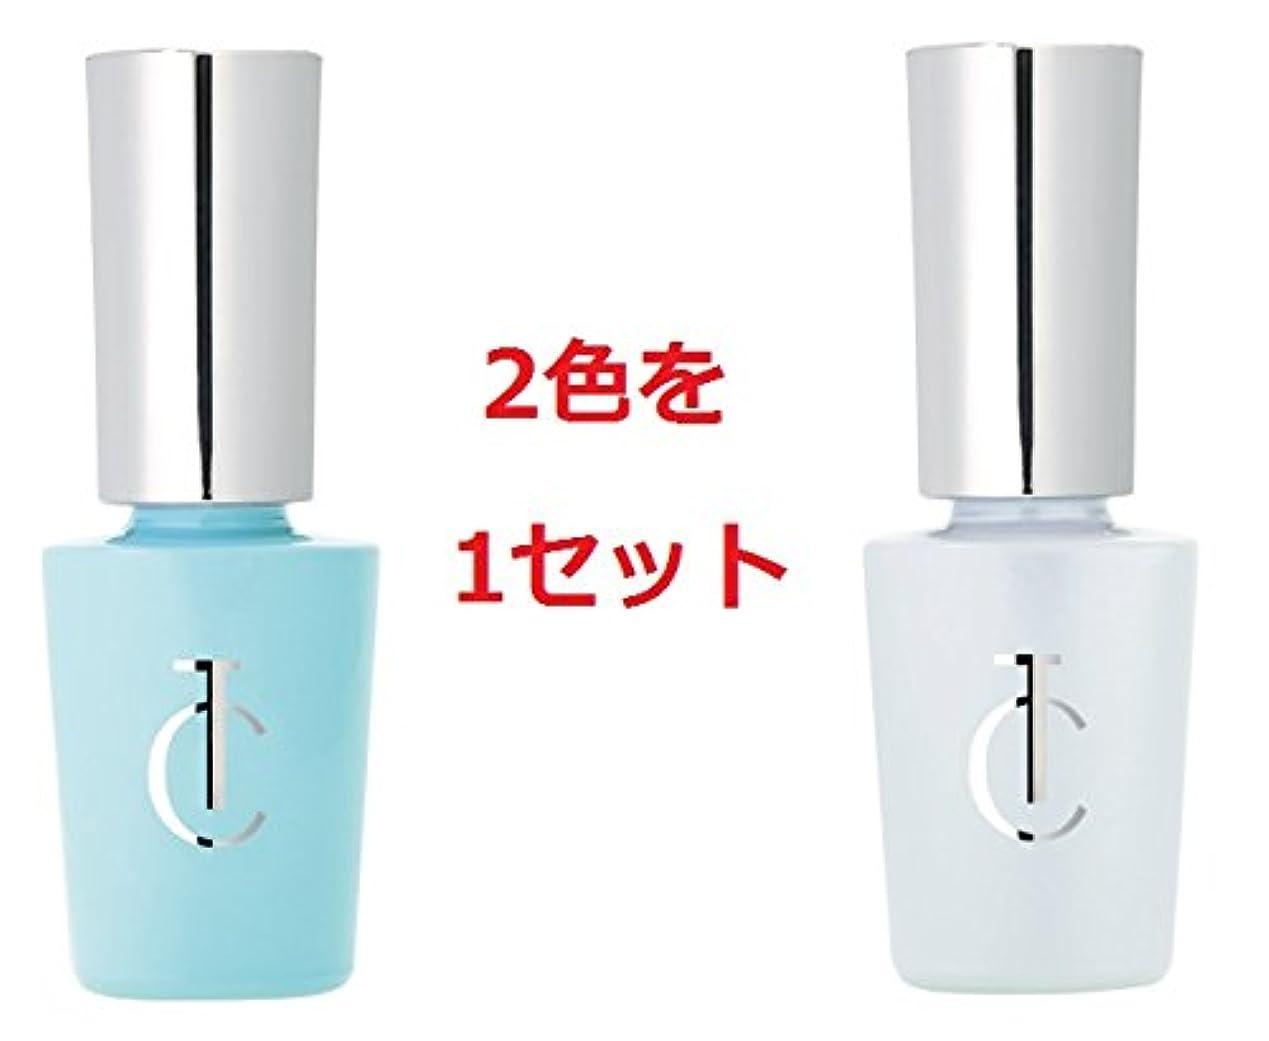 TooColor アクアパール、ピュアホワイト2色セット品 [口腔化粧品 歯のマニキュア]マイクロソリューション